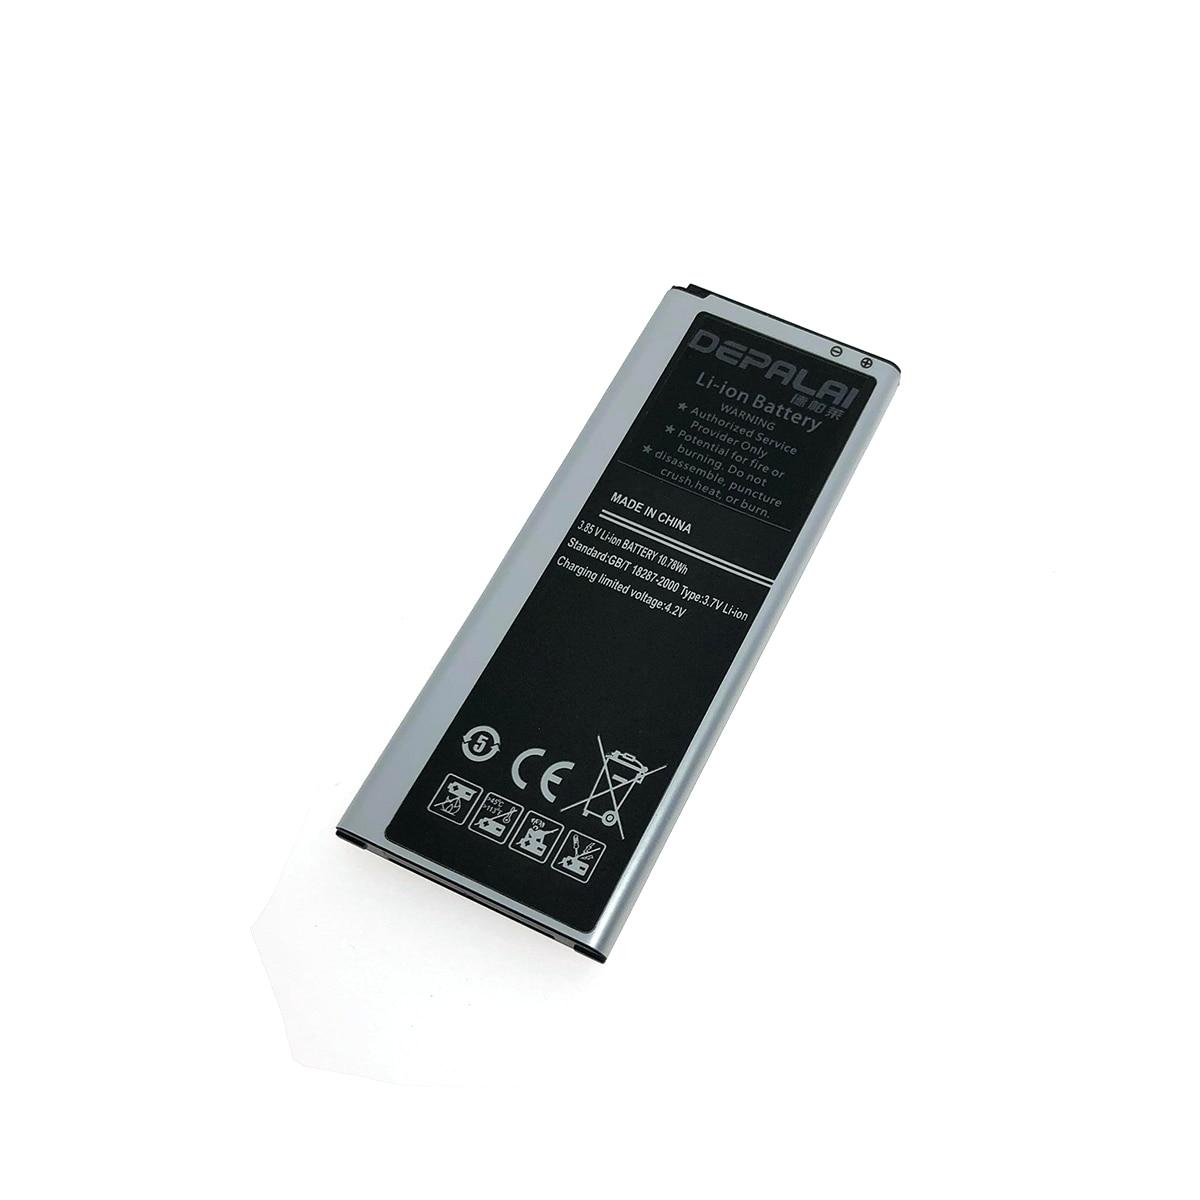 Battery N9100 EB-BN916BBC Note4 Samsung Galaxy for N910u/N910f/N910a-battery/..